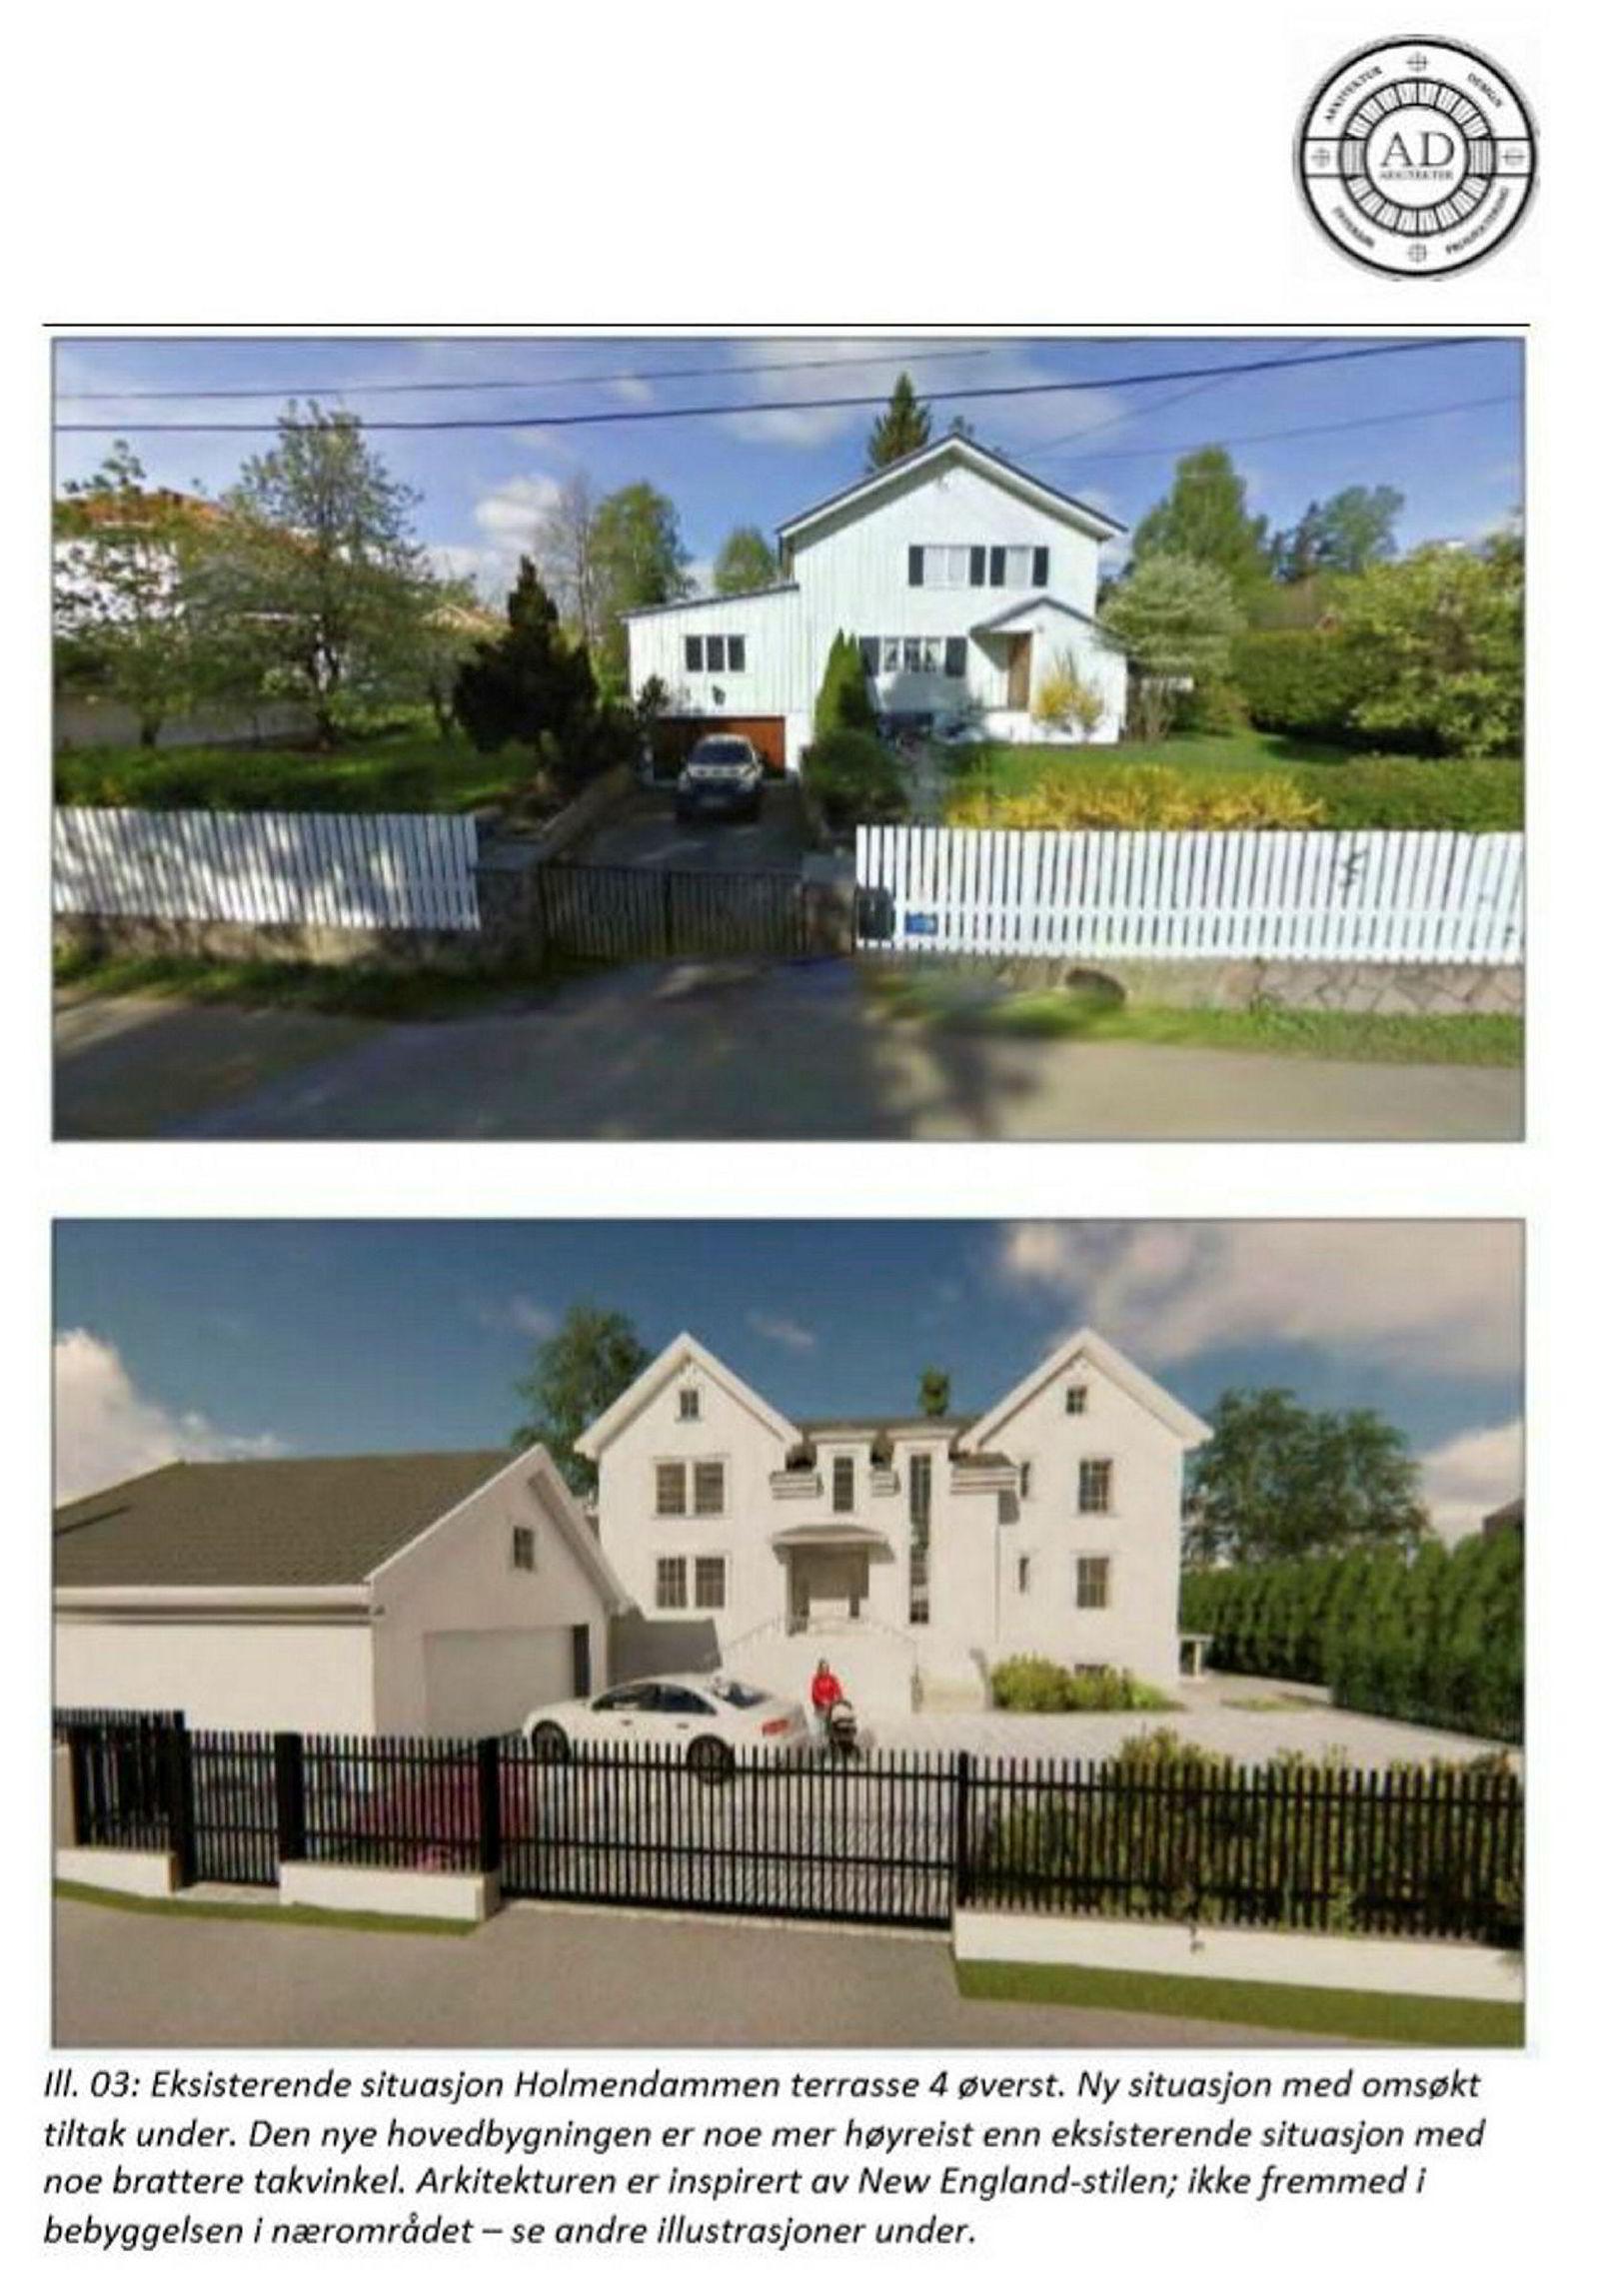 Suzann Pettersens nye bolig vil passe godt inn i boligstrøket, skriver arkitektene i byggesøknaden.